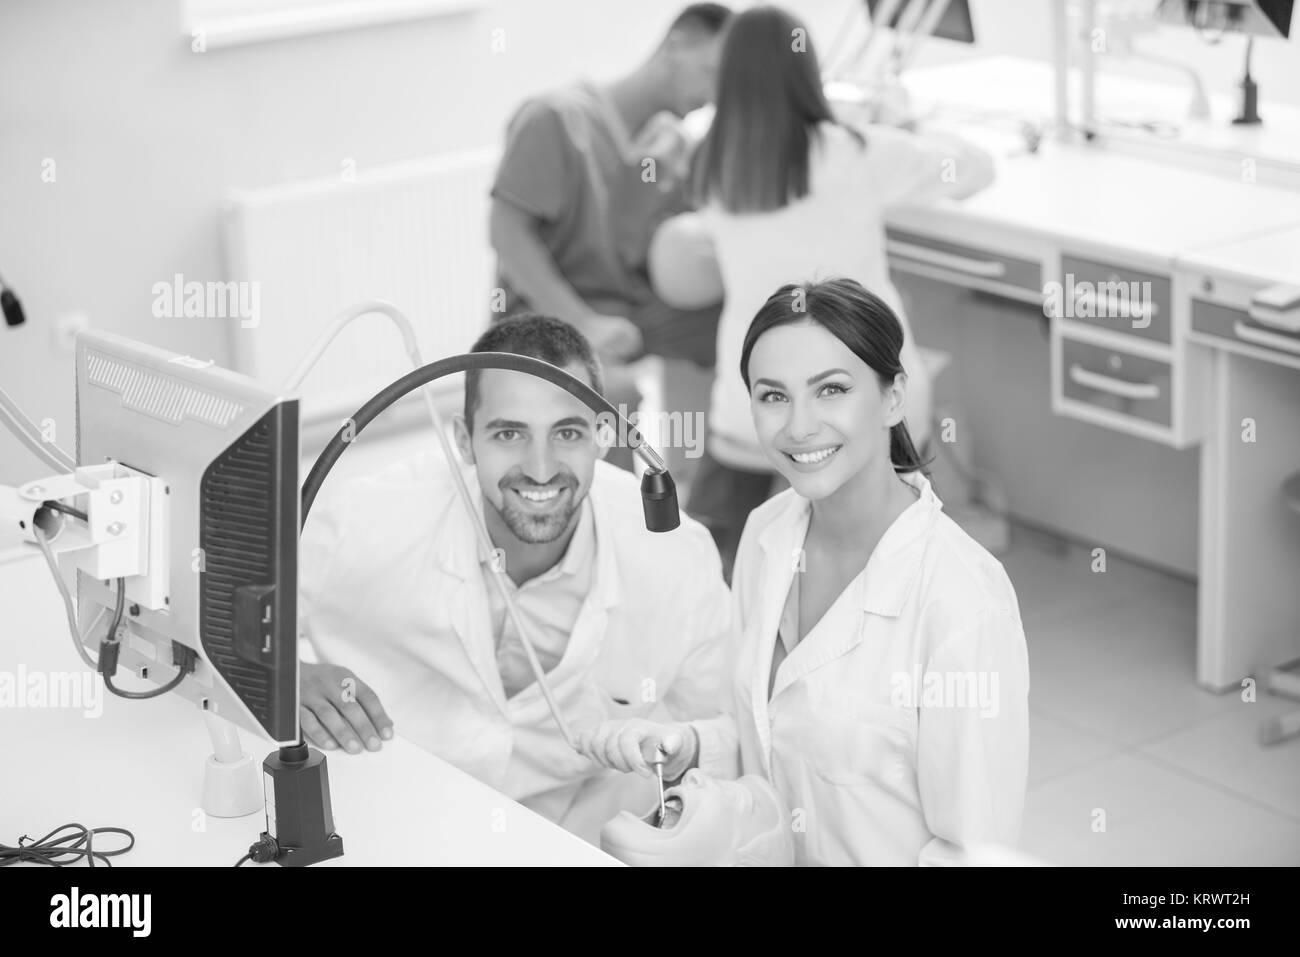 Dentiere, igiene orale. Protesi le mani mentre si lavora sulla dentiera, falsi denti, uno studio e una tabella con gli strumenti odontoiatrici. Foto Stock